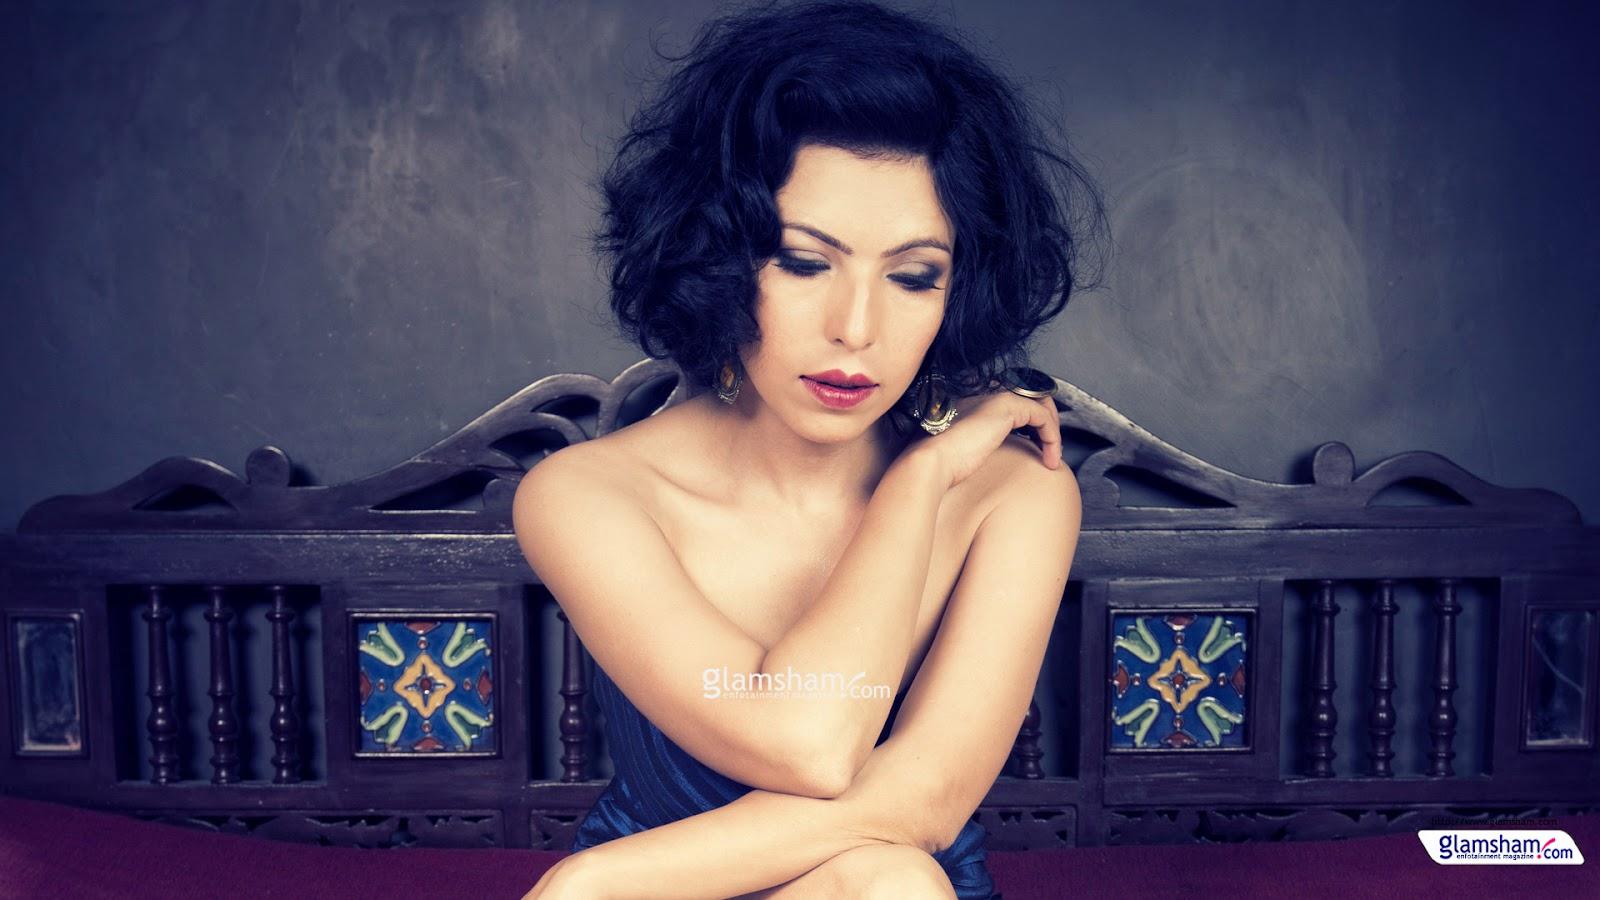 6. Shilpa Shukla